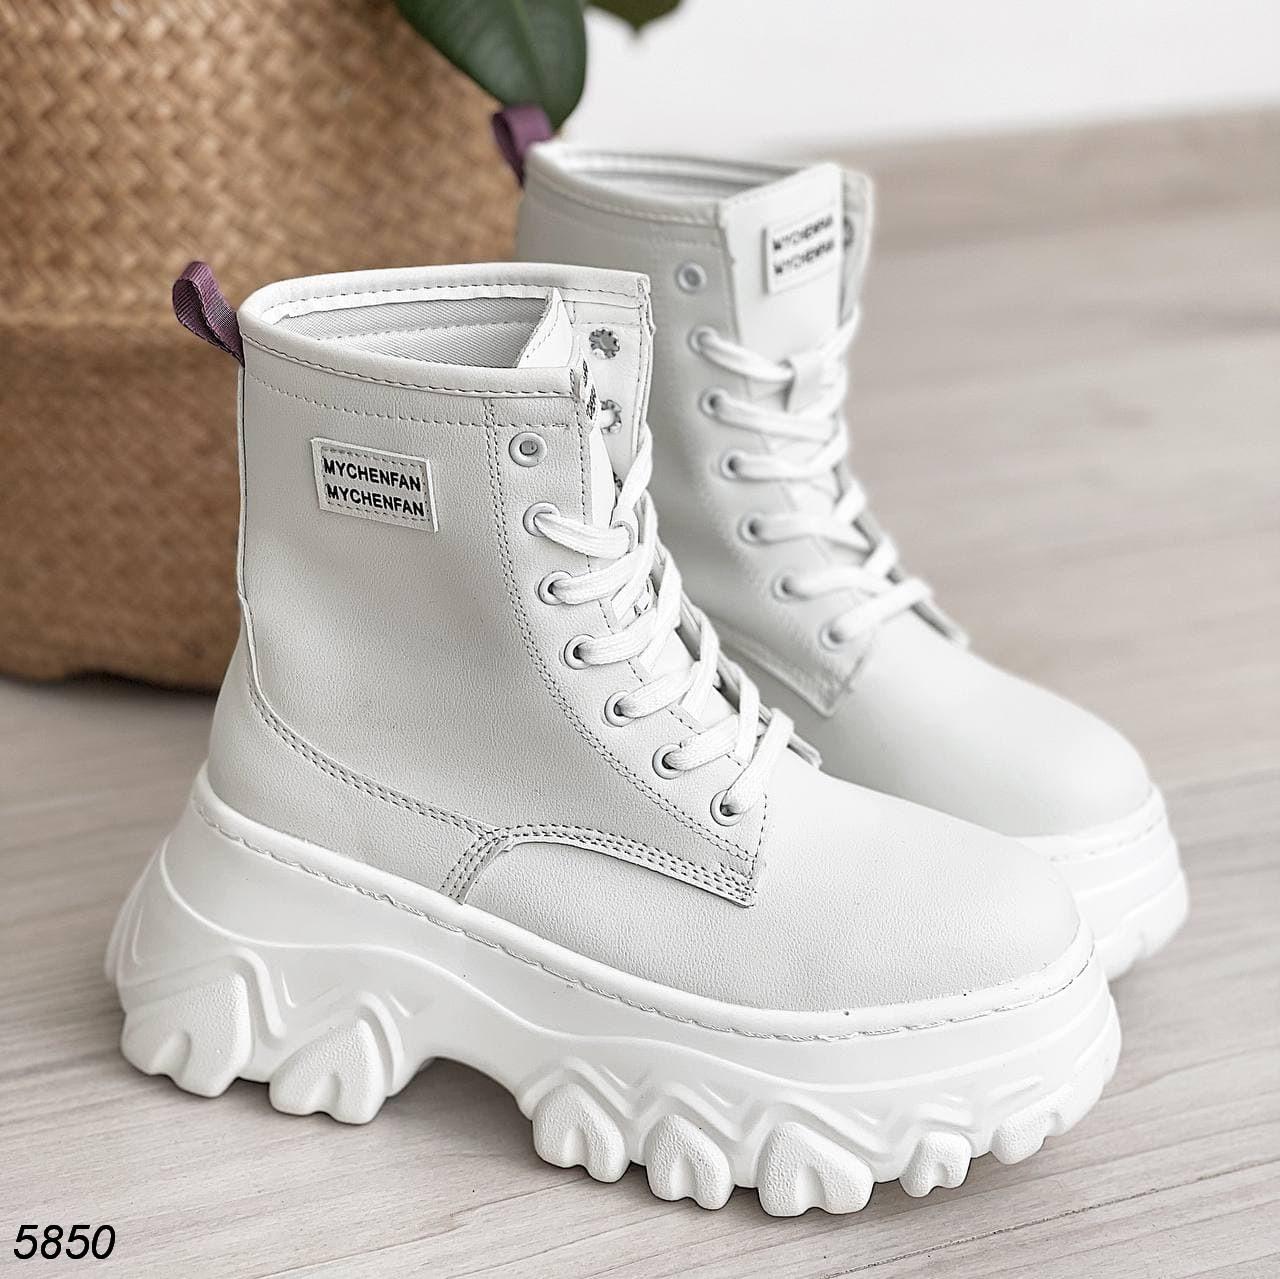 23 см Ботинки женские деми белые на толстой подошве платформе демисезонные из искусственной кожи кожаные кожа